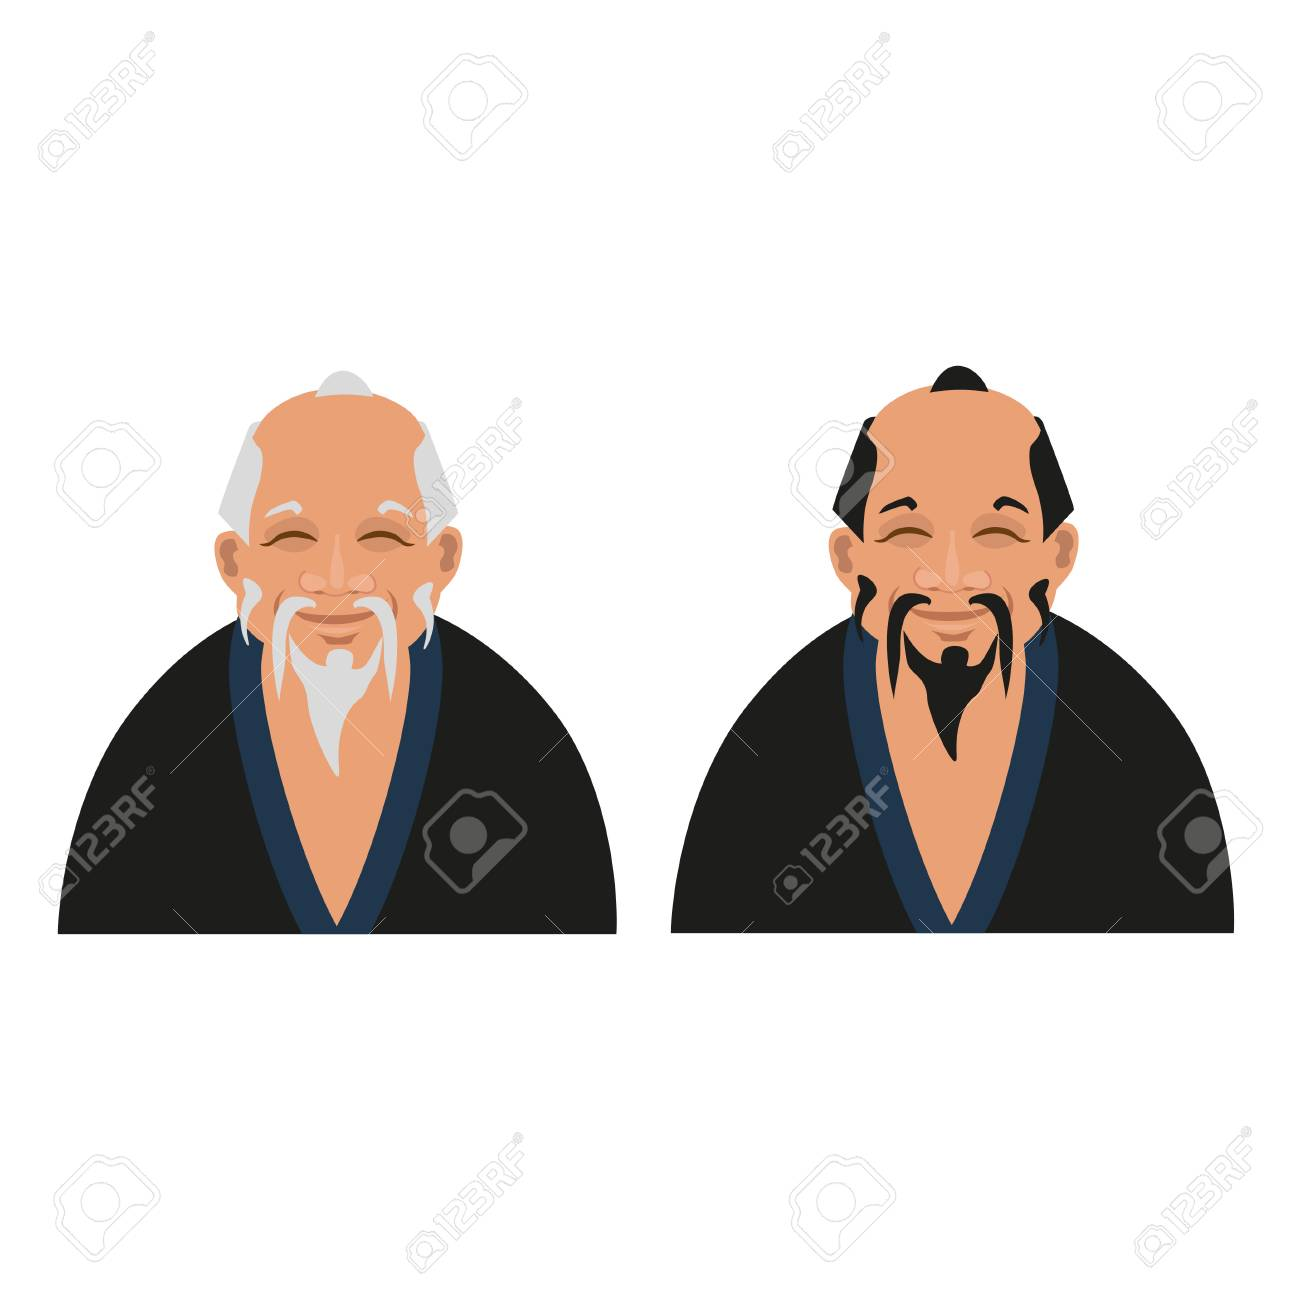 Christian asian men